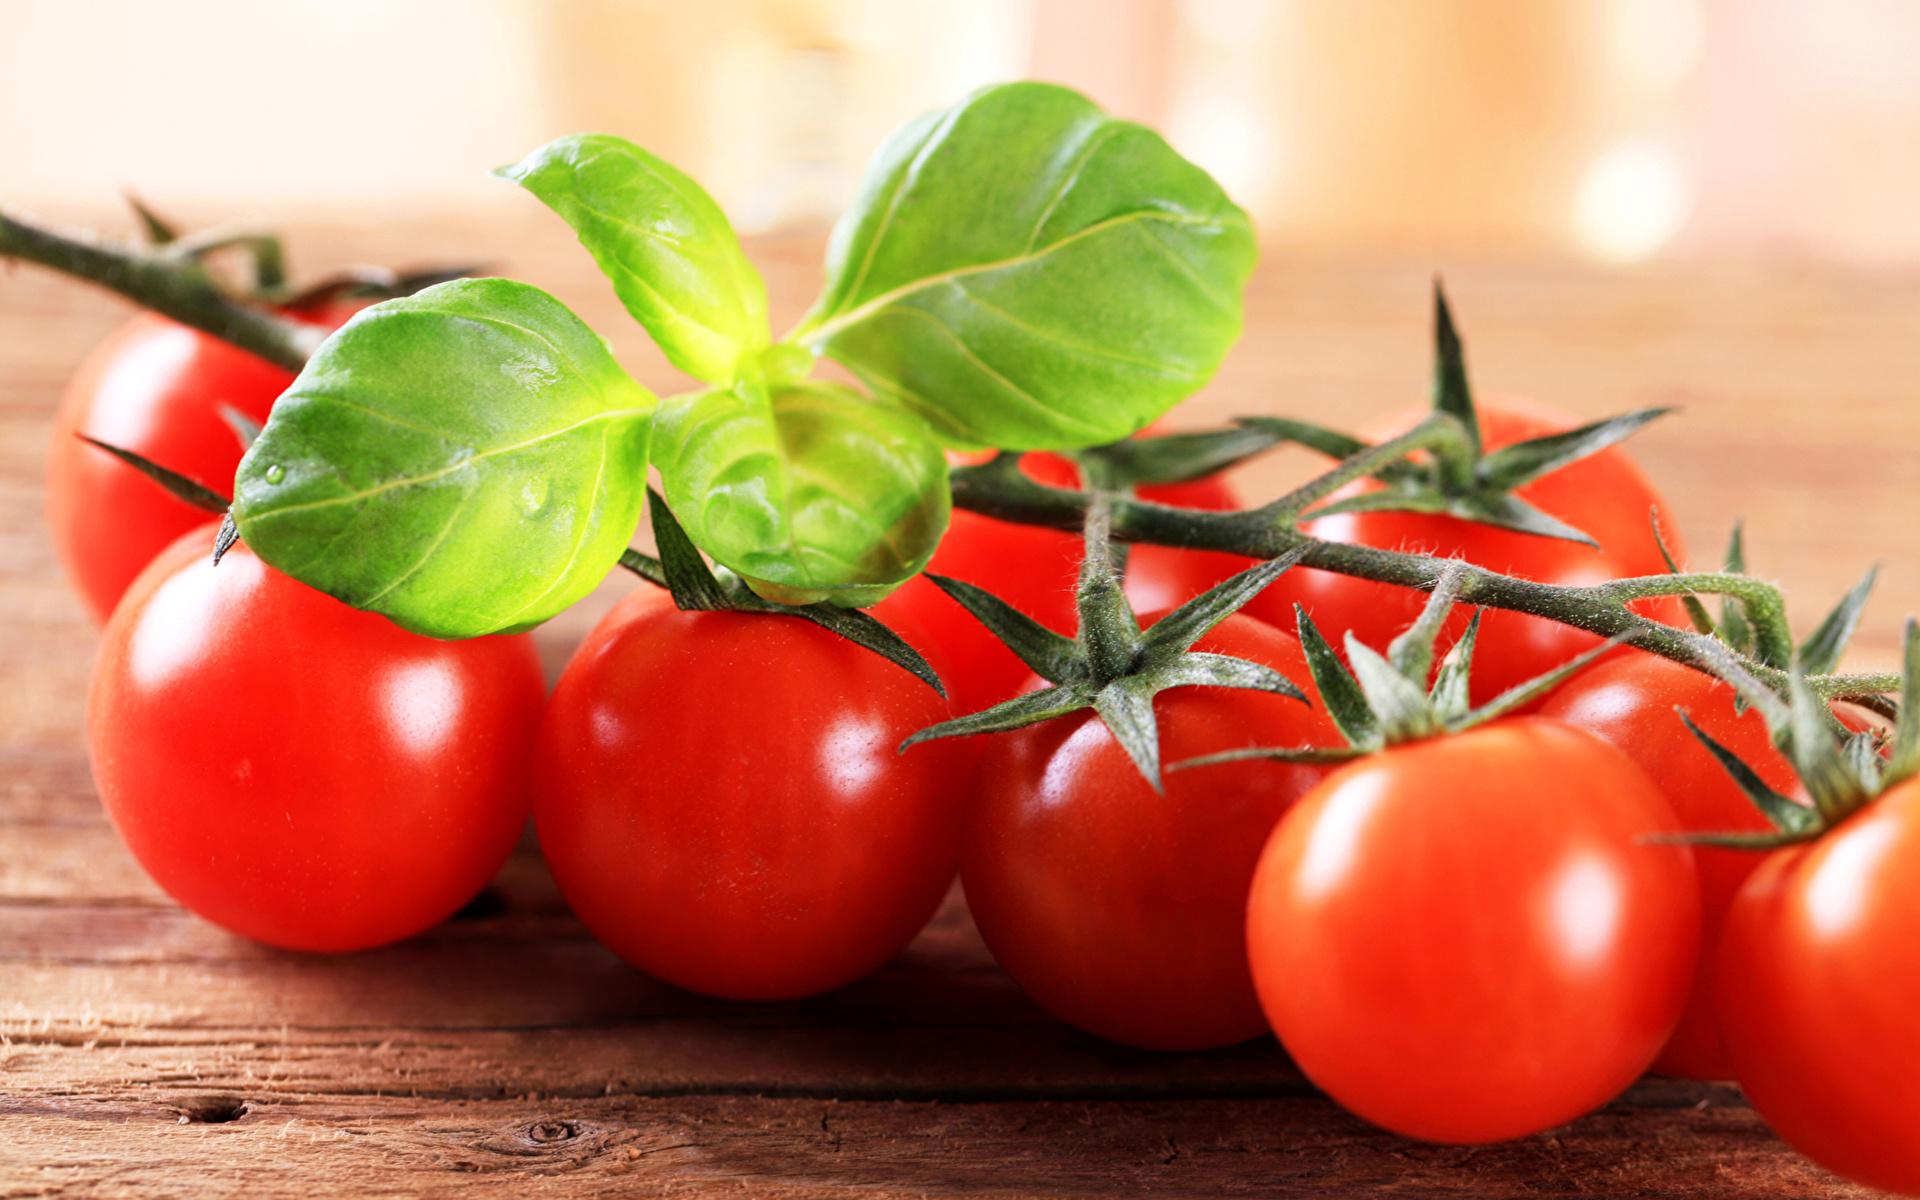 Обои для рабочего стола Томаты красные Овощи Продукты питания вблизи 1920x1200 Красный красная красных Помидоры Еда Пища Крупным планом